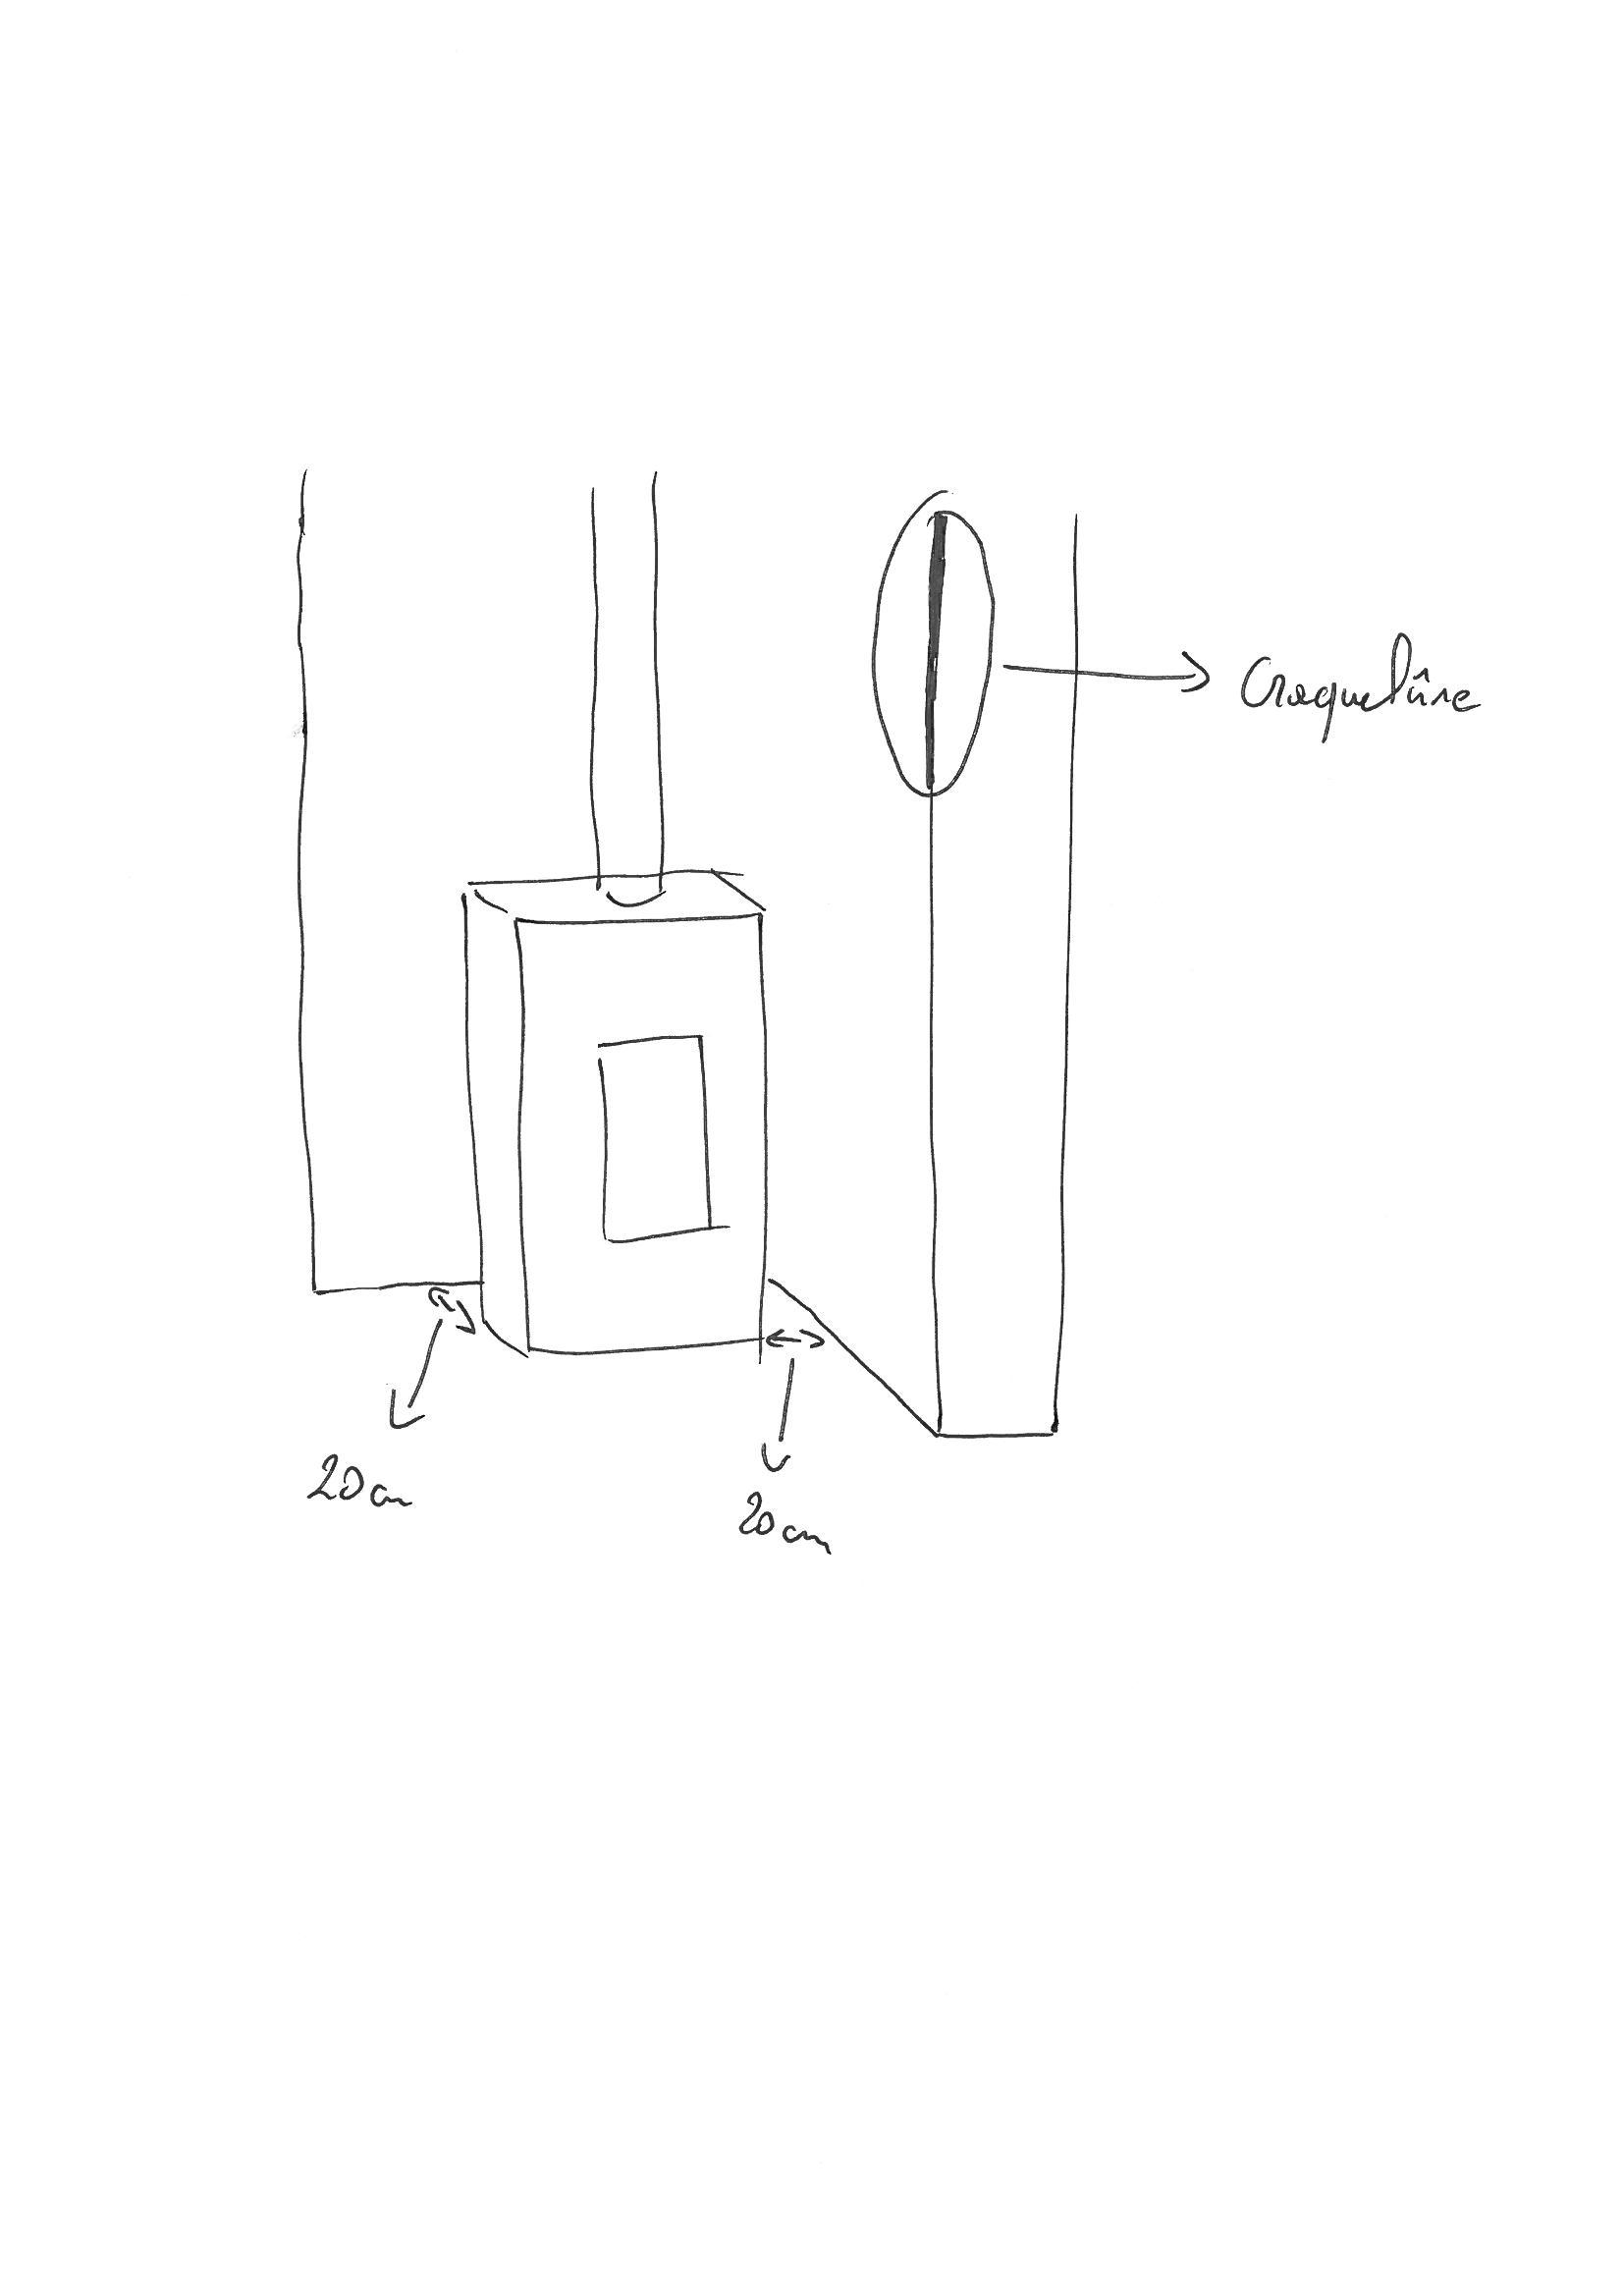 isolation derri re poele bois. Black Bedroom Furniture Sets. Home Design Ideas